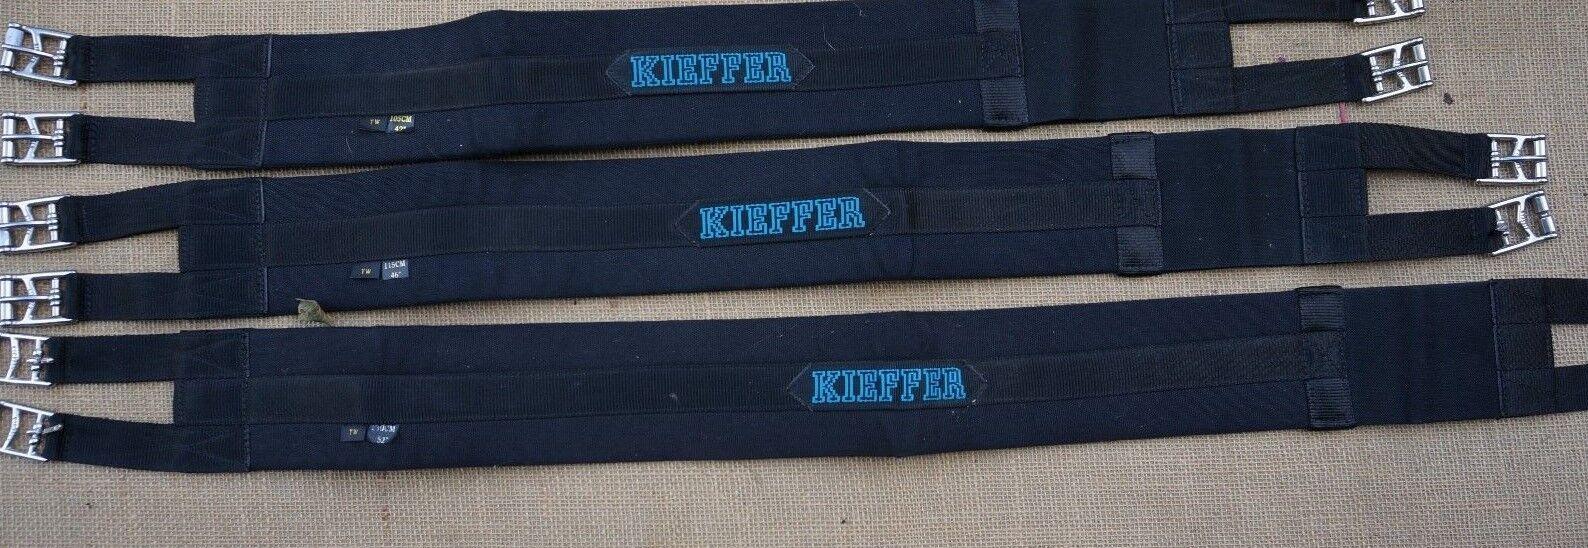 Kieffer sillín cinturón